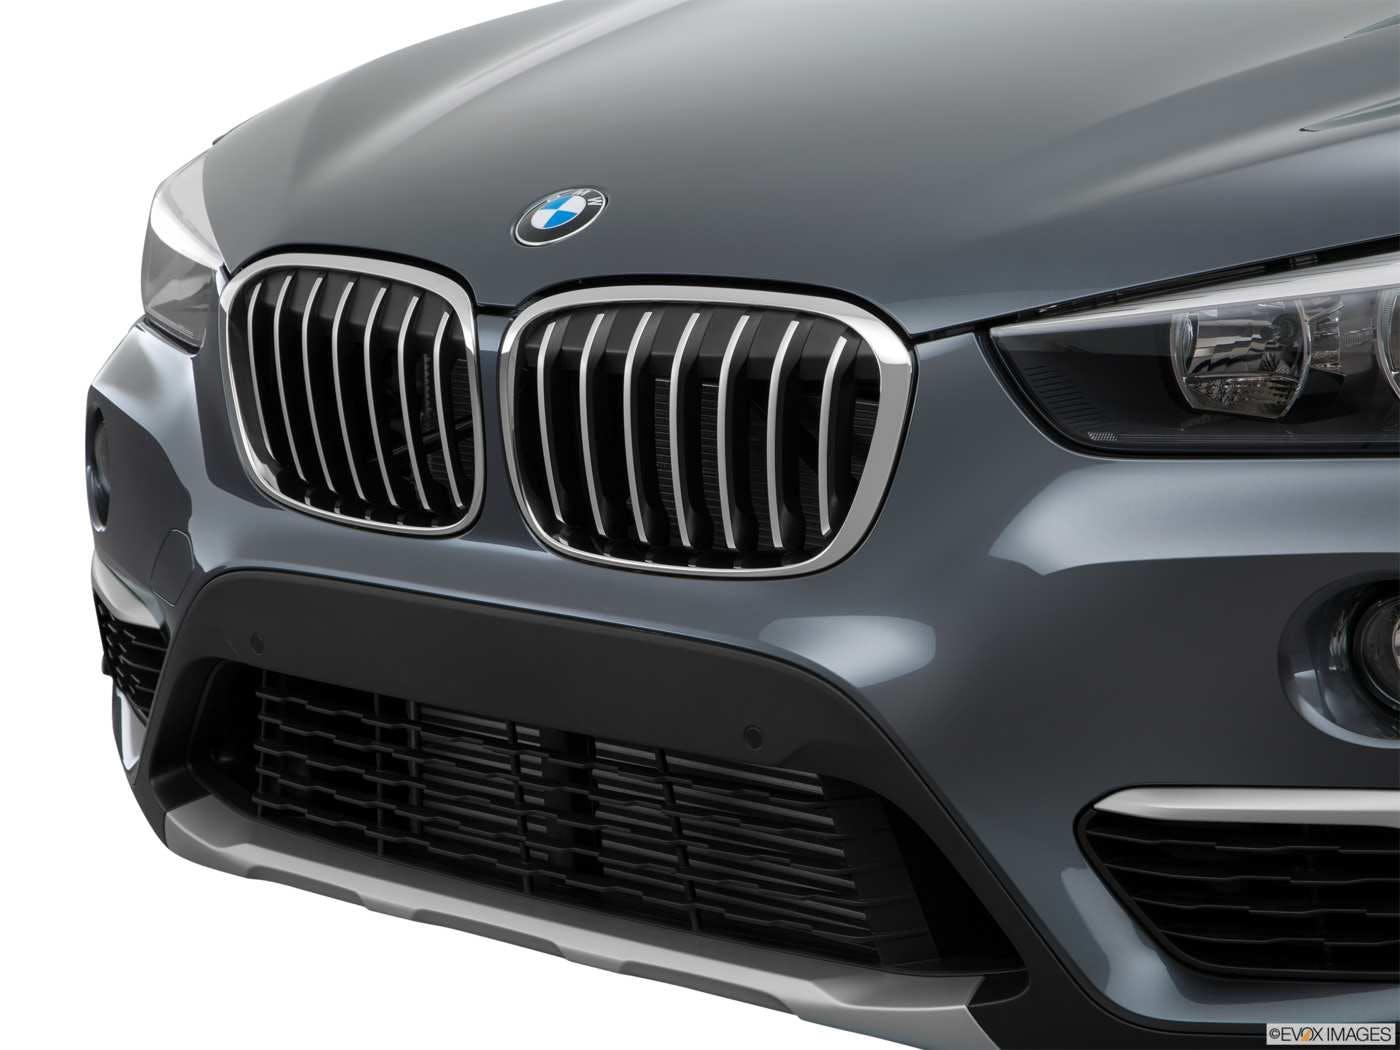 2019 bmw x1 prices, reviews & incentives | truecar